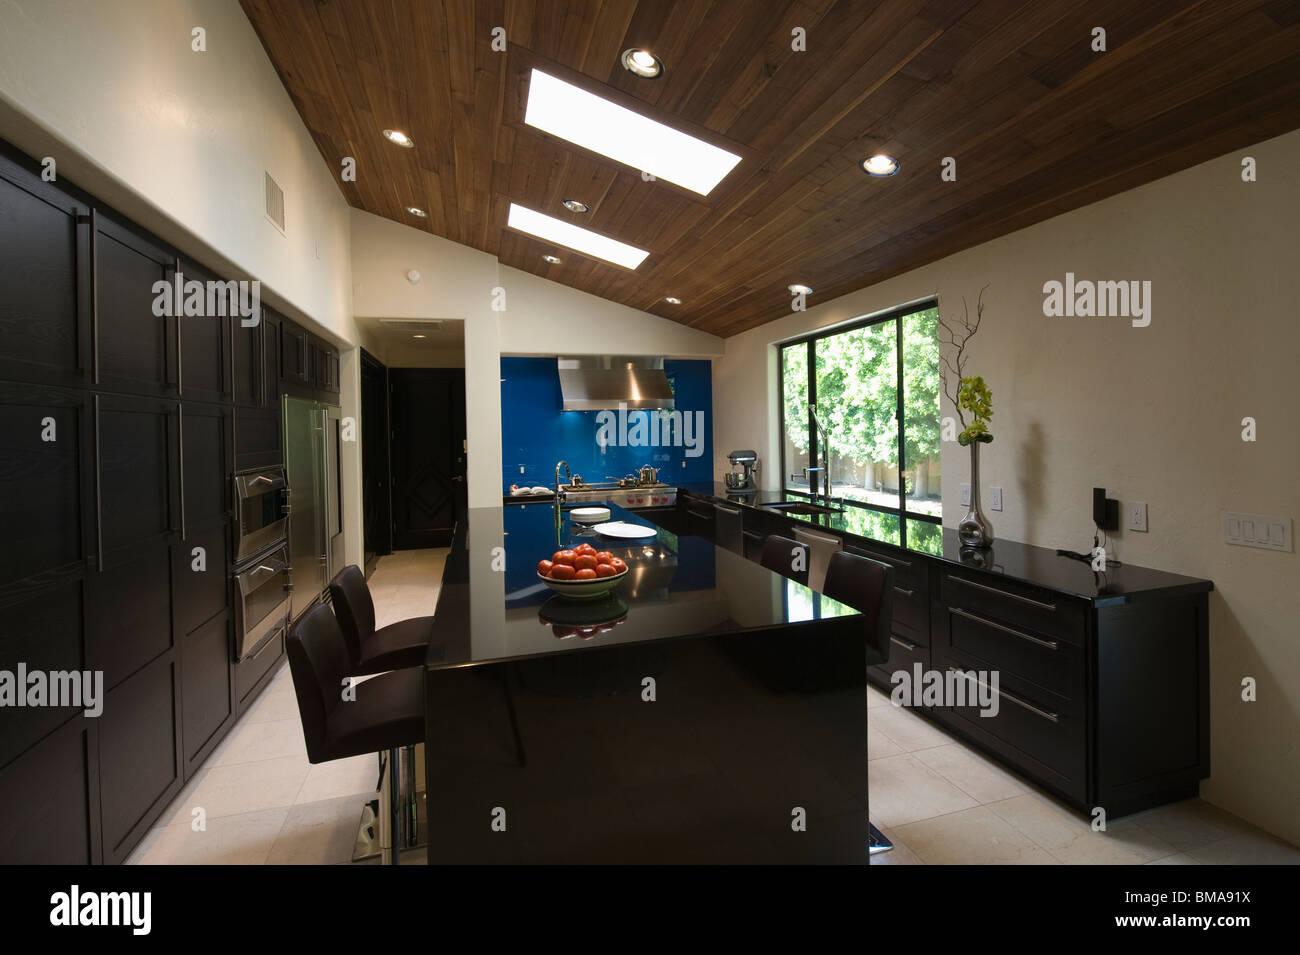 Schwarze Hochglanz Küche mit Oberlichtern Stockfoto, Bild ...